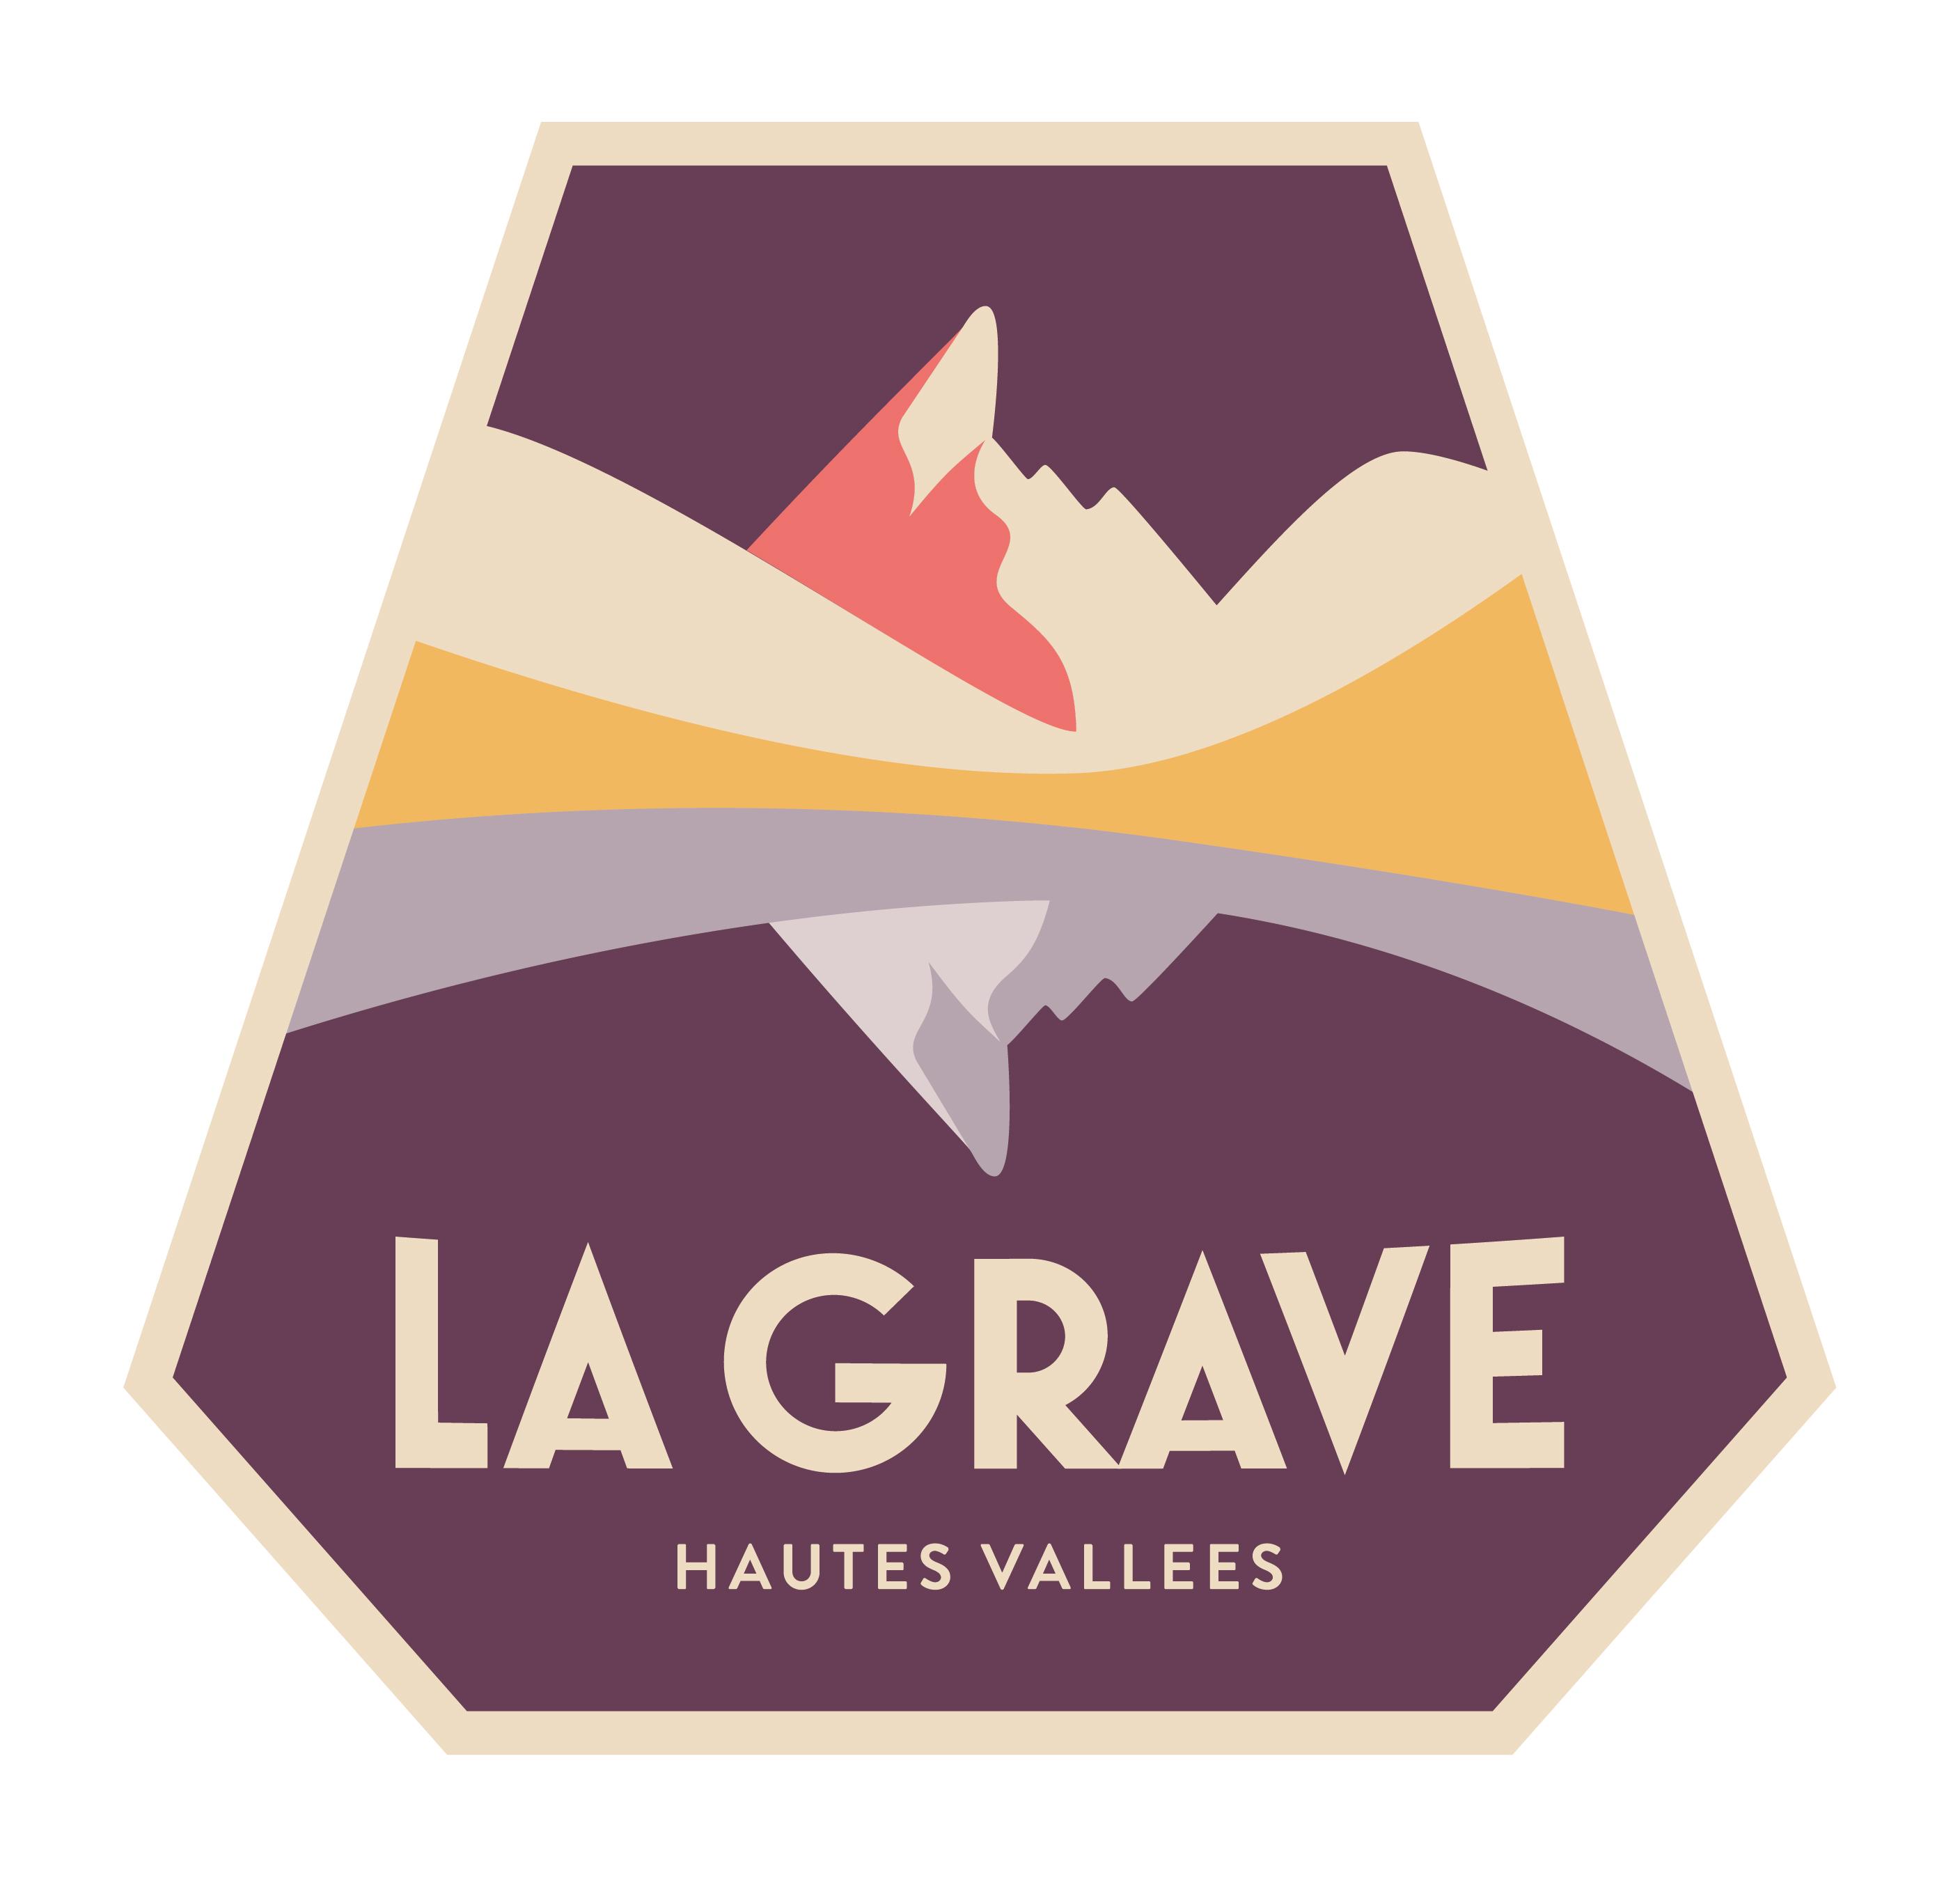 Office de Tourisme des Hautes Vallées La Grave